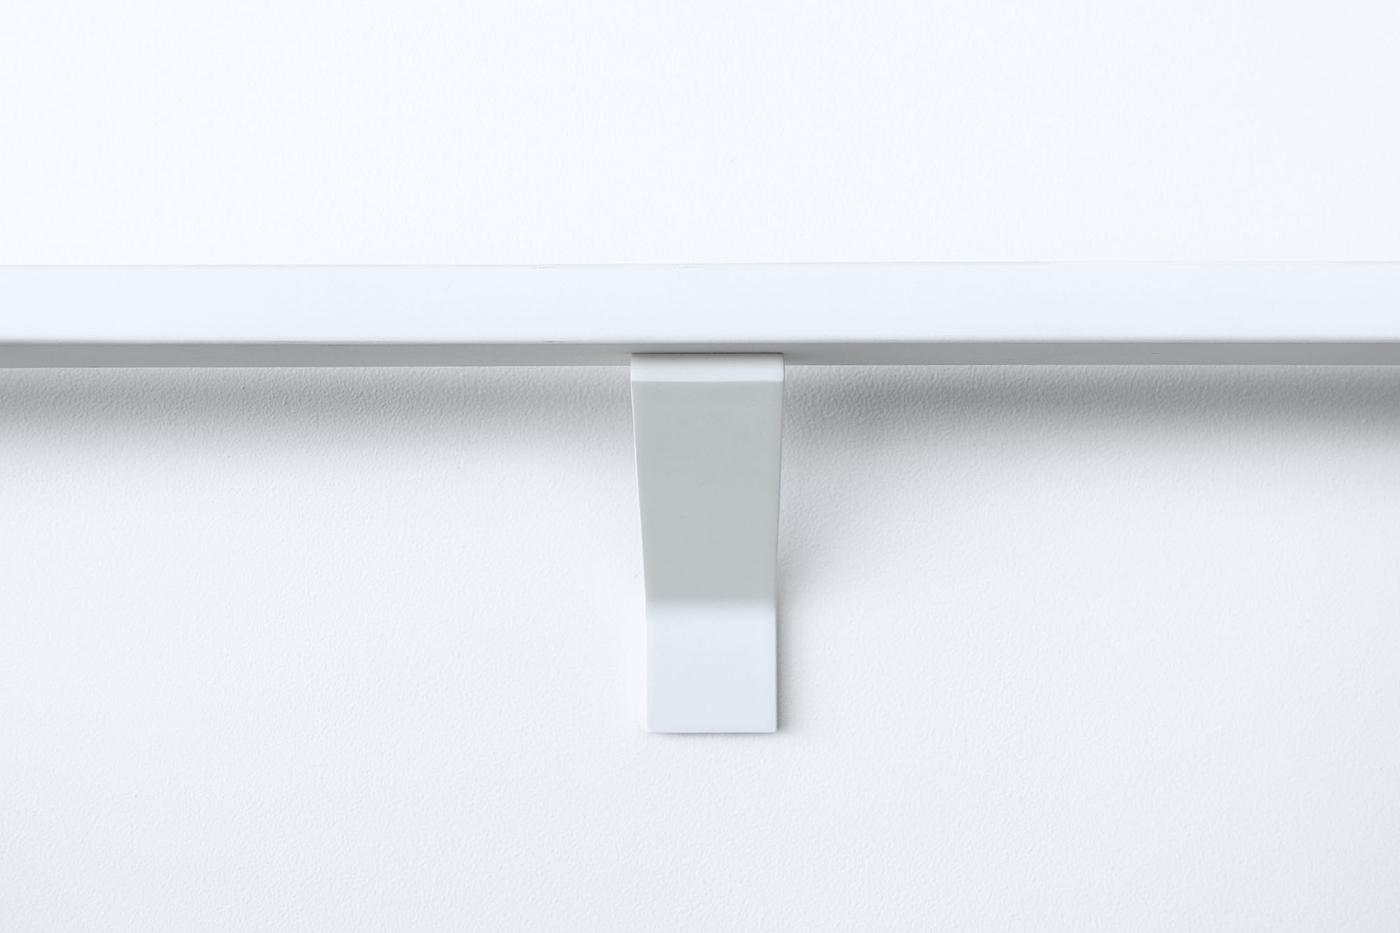 White-modern-handrail-bracket